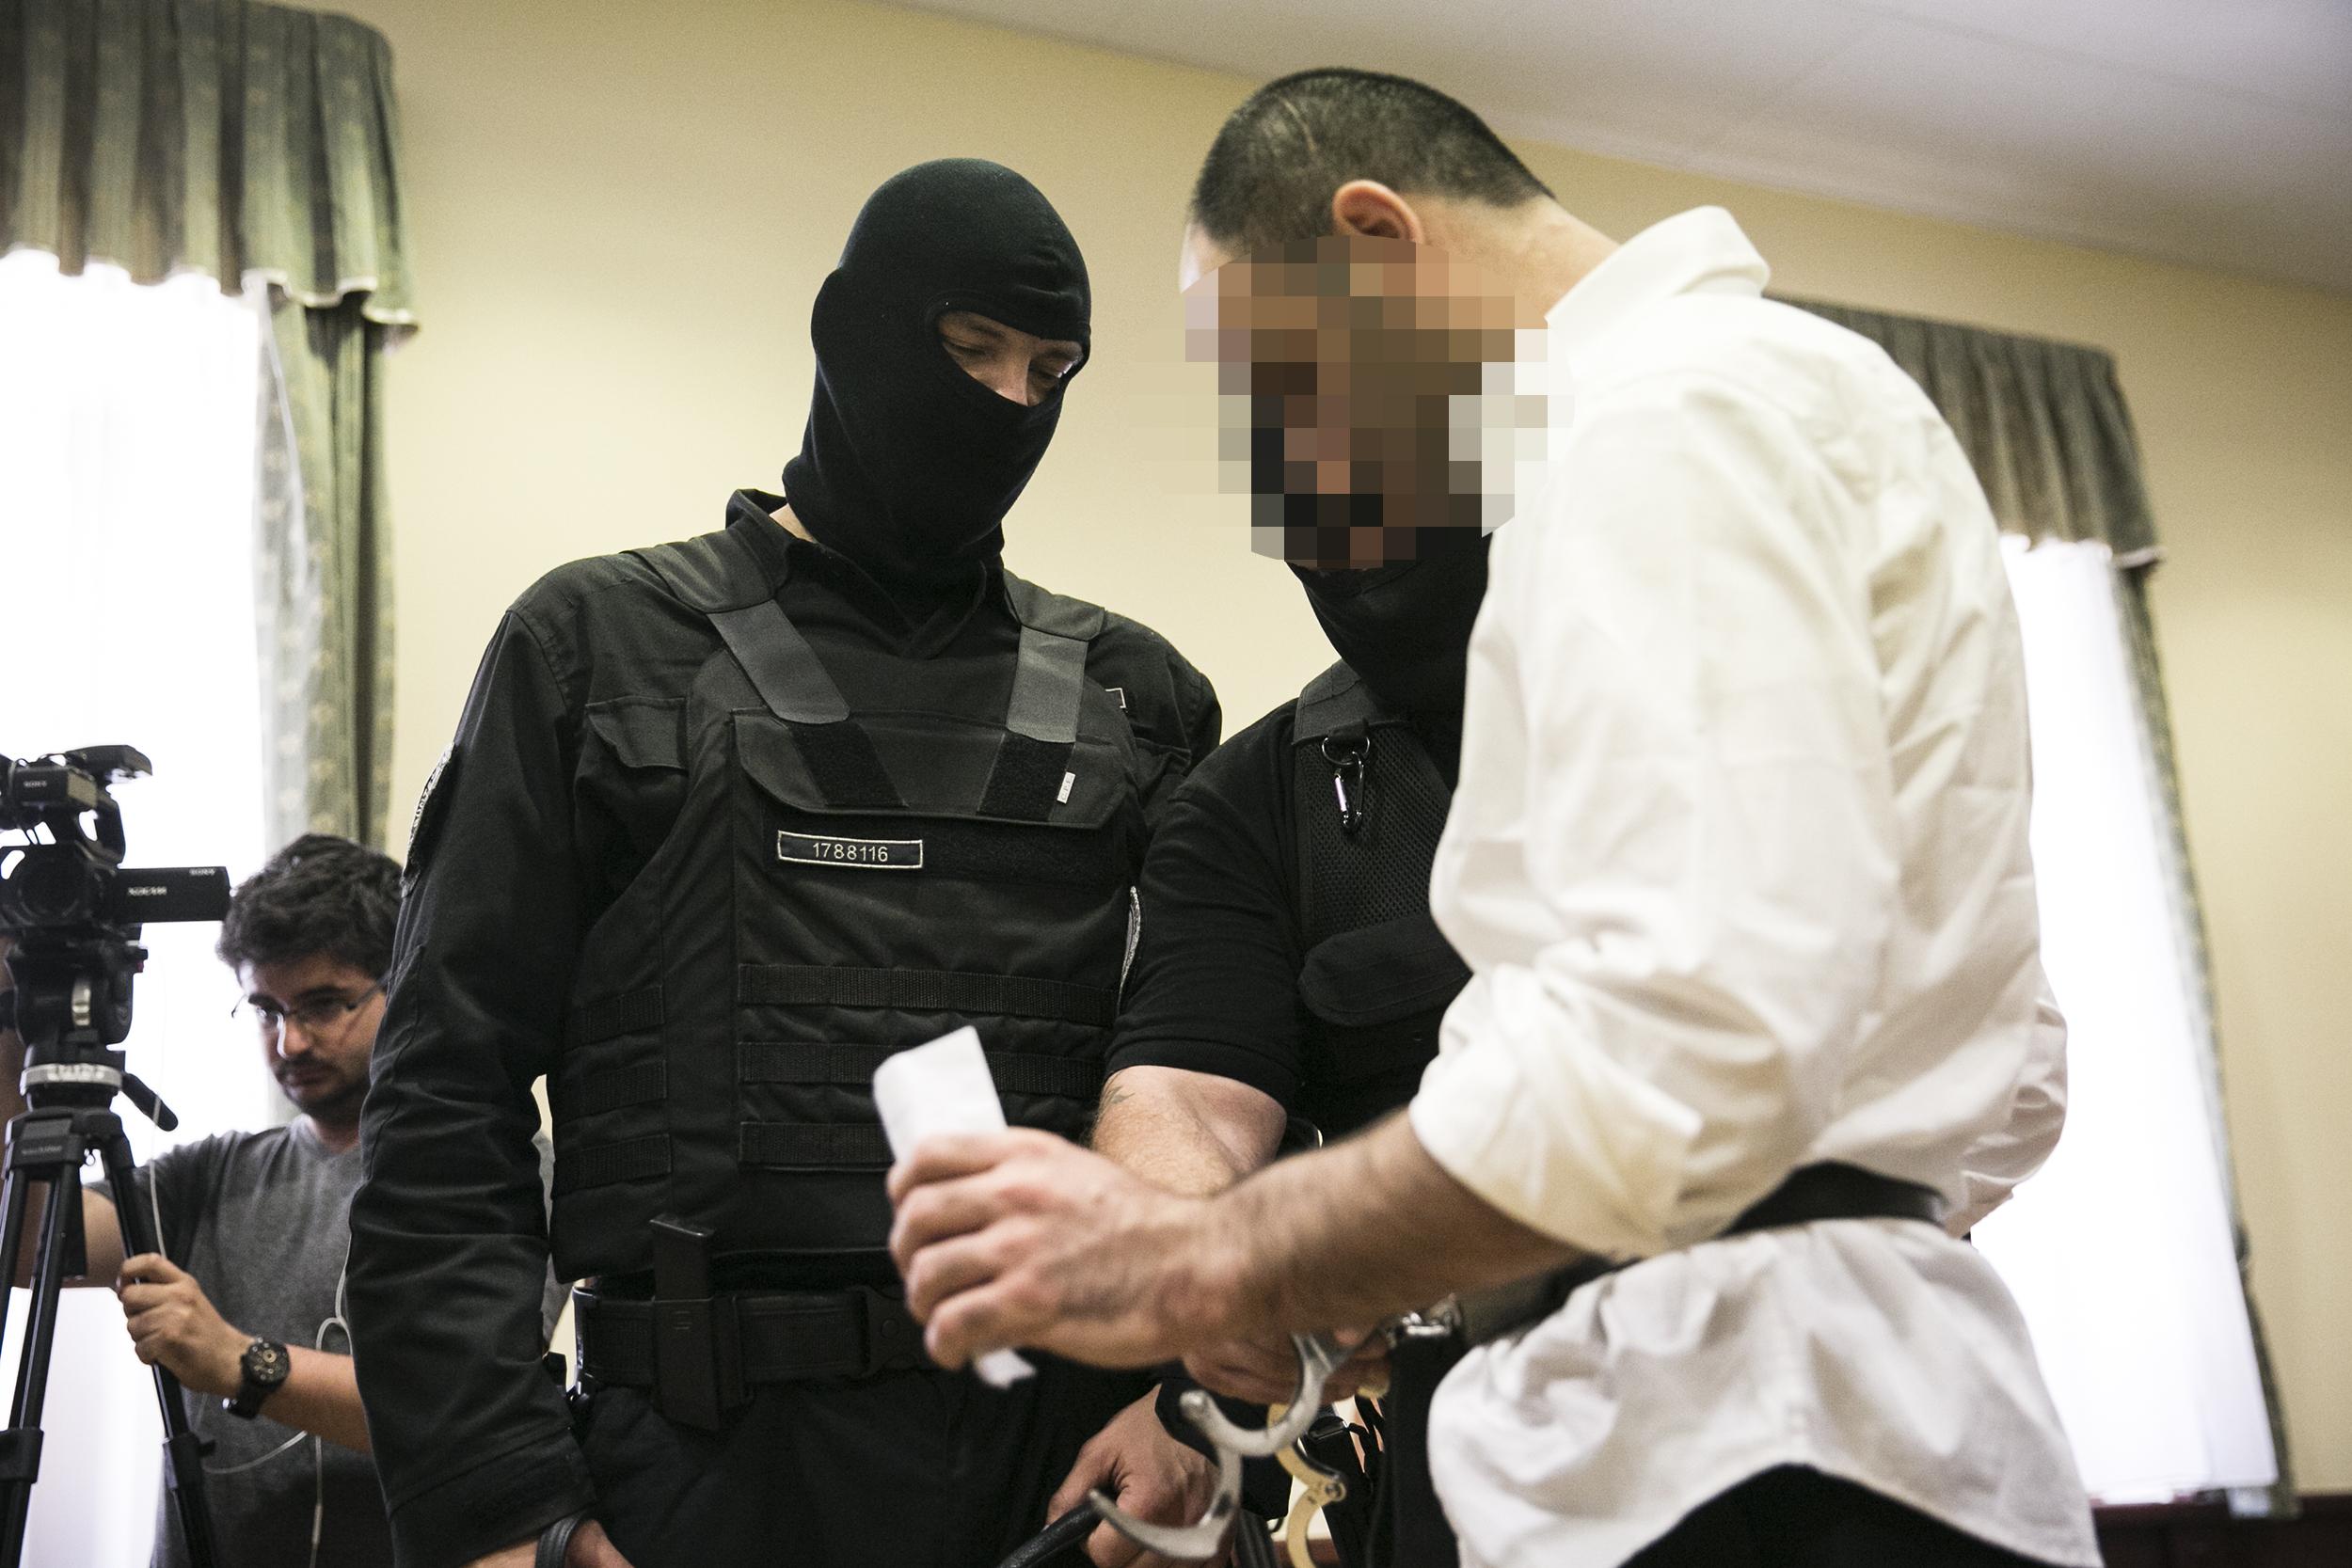 Hatályon kívül helyezték a terrorizmusról szóló ítéletet a röszkei zavargás miatt vádolt Ahmed H. ügyében